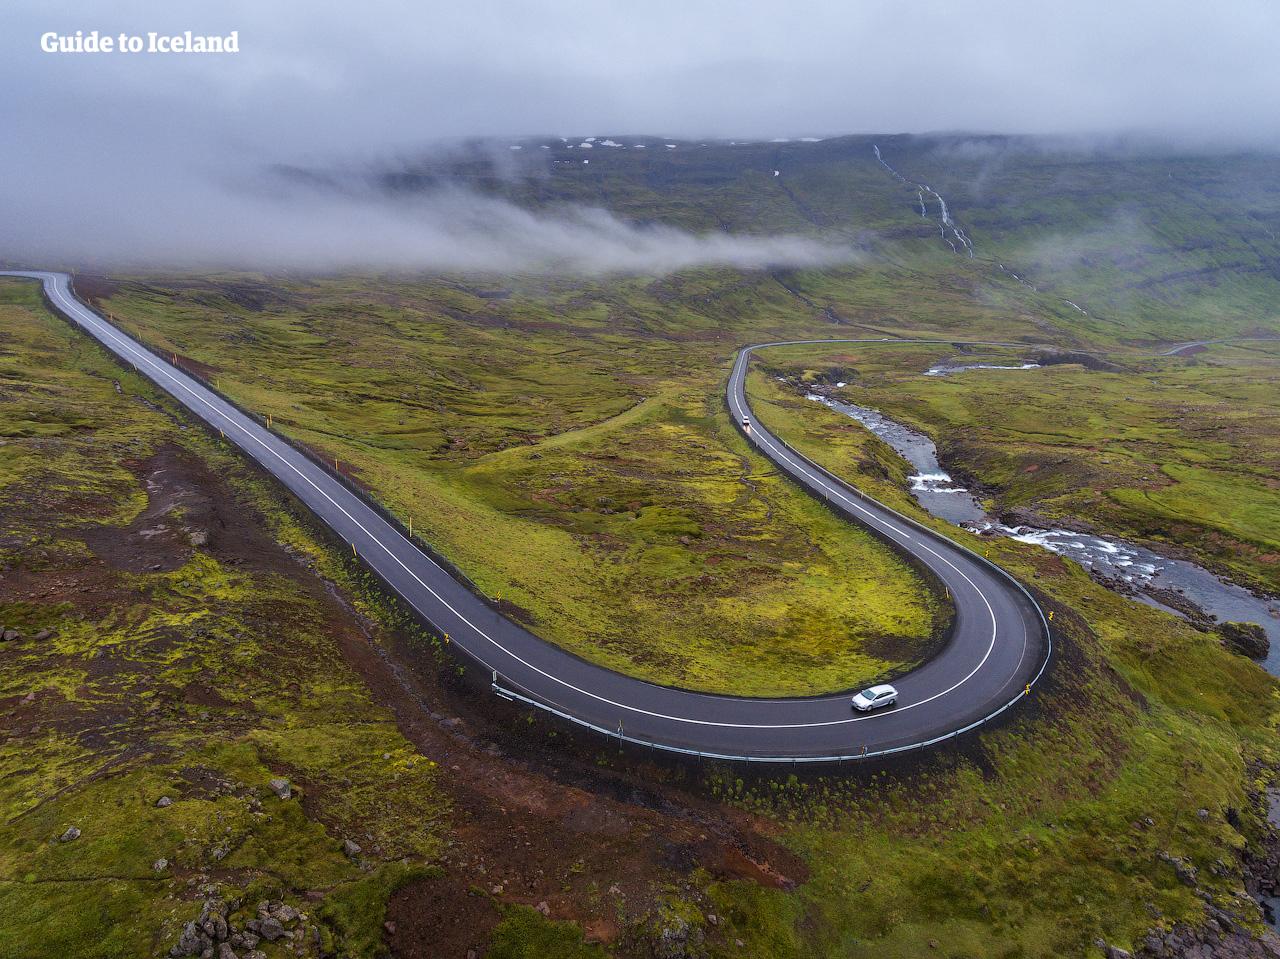 คุณจะมีอิสระในการเที่ยวไอซ์แลนด์อย่างเต็มที่ด้วยแพ็กเกจขับรถเที่ยวด้วยตัวเอง